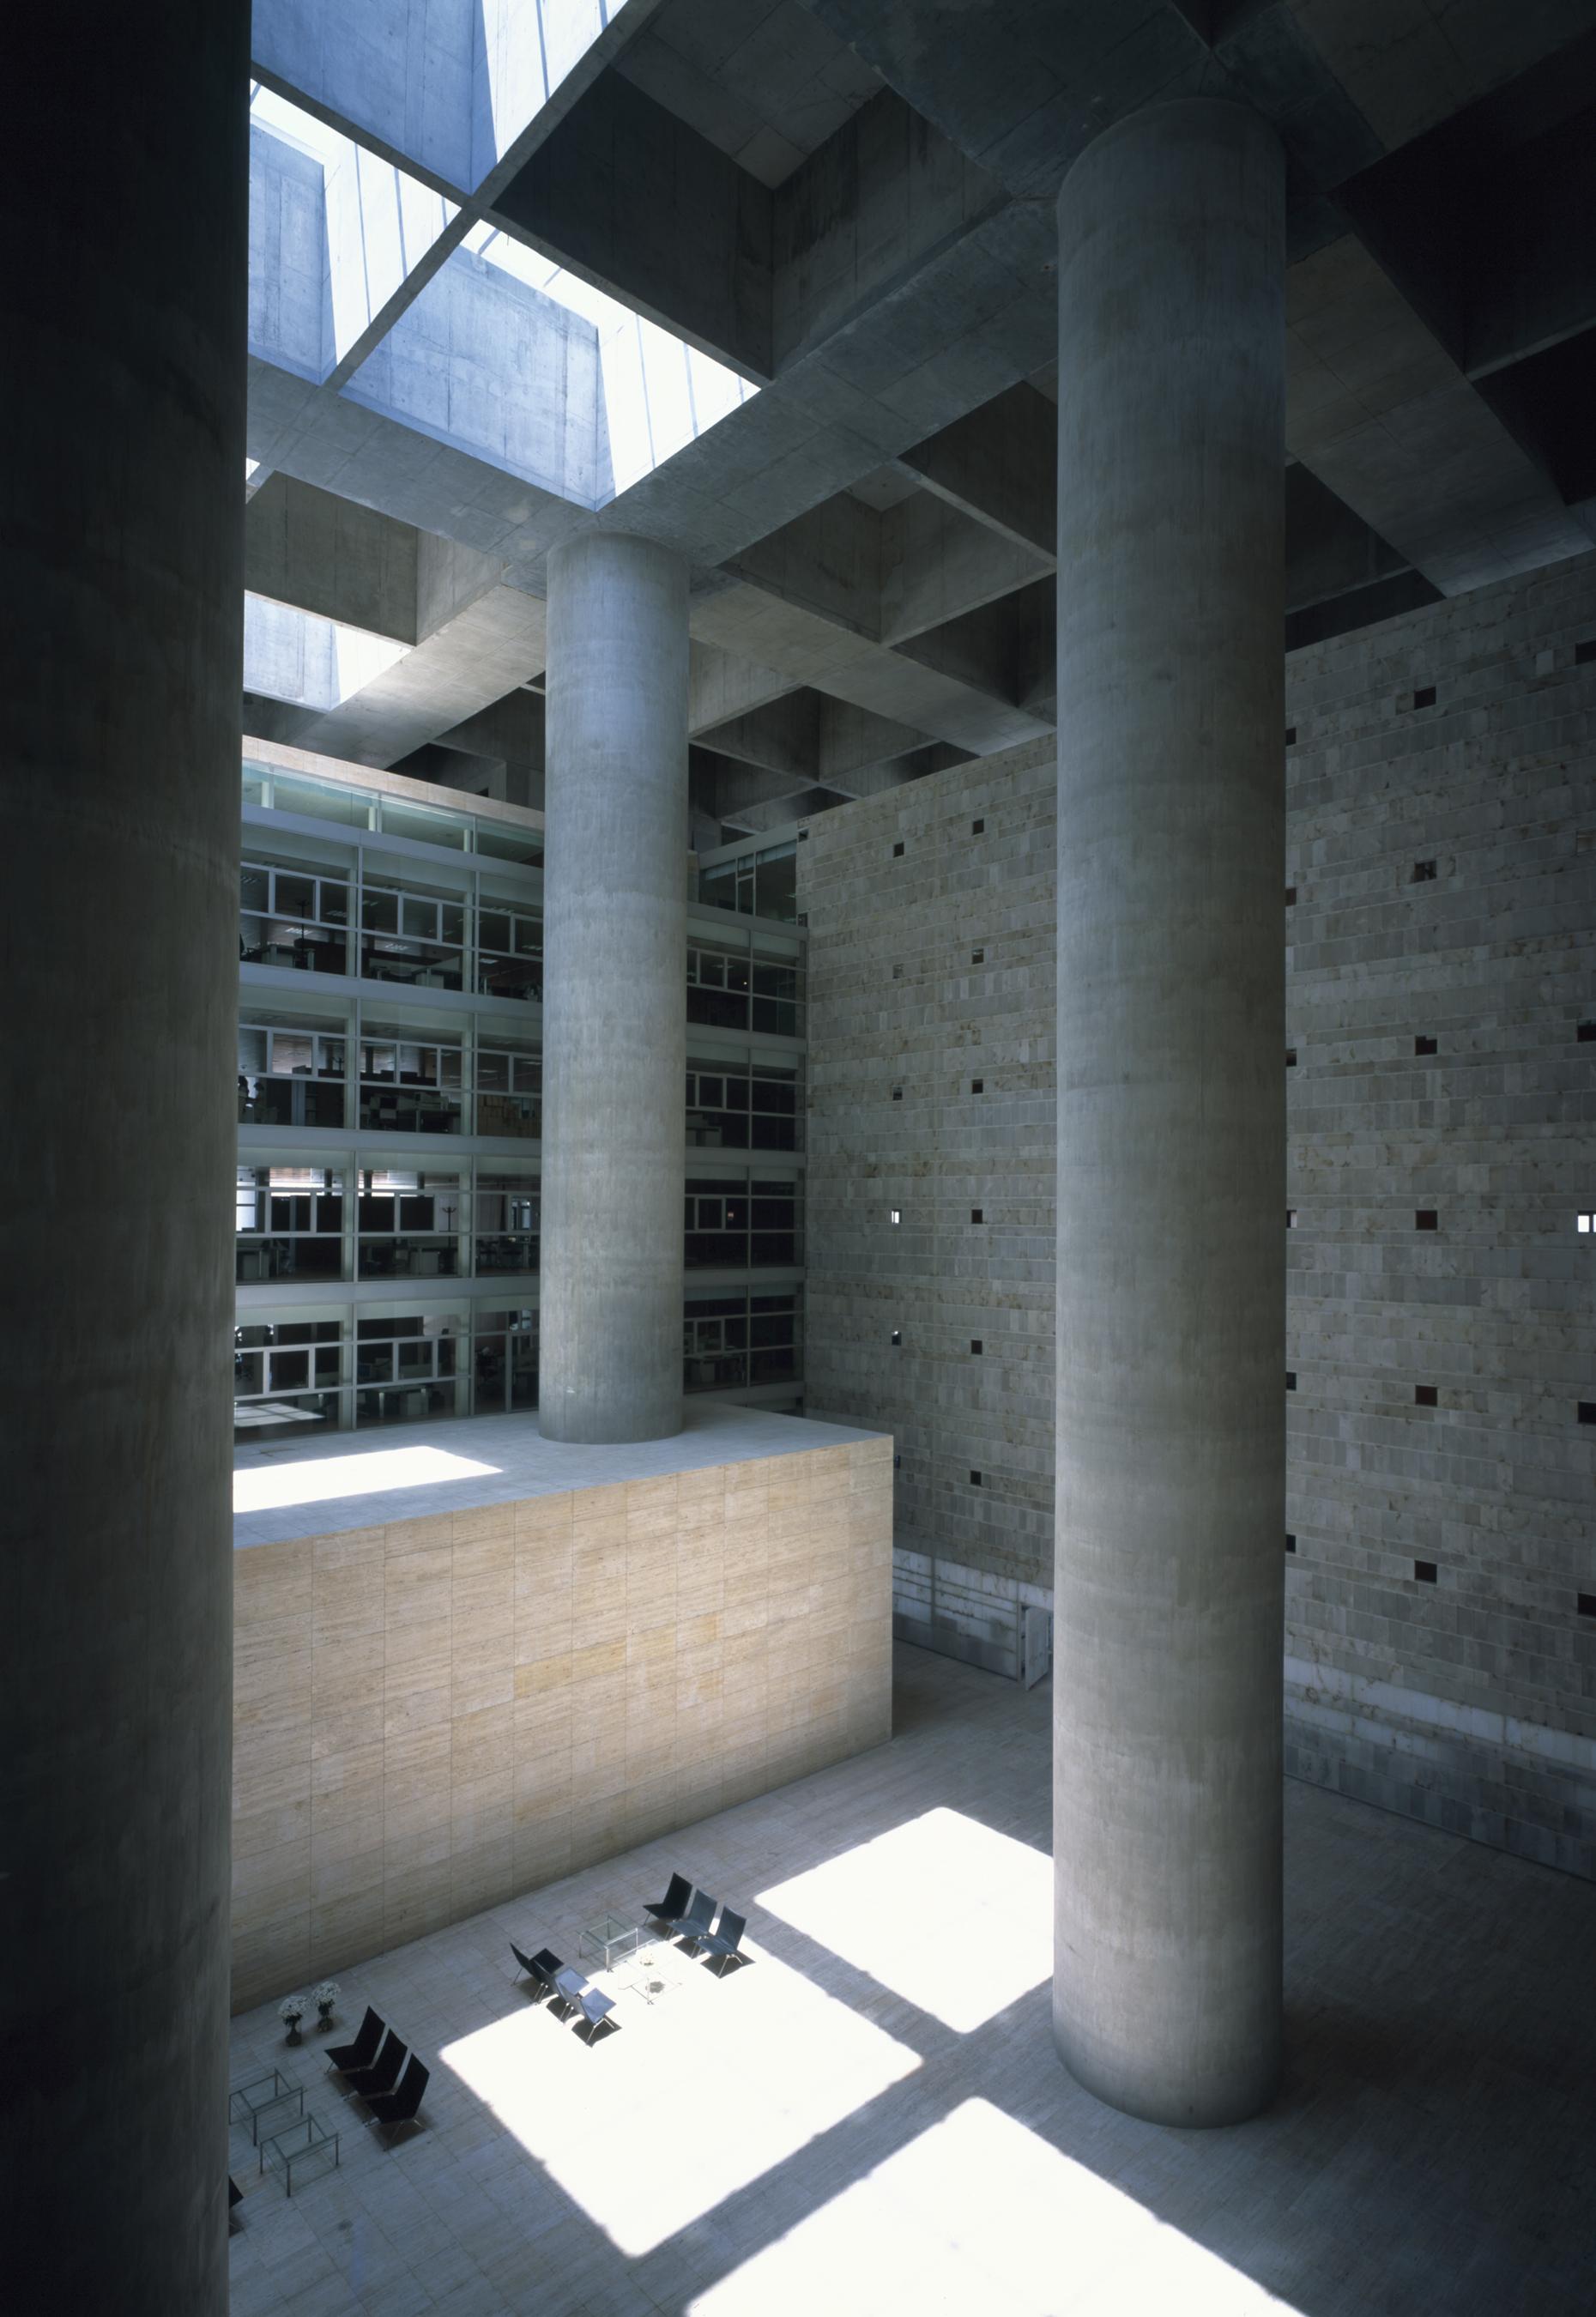 Cl sicos de arquitectura caja granada impluvium de luz alberto campo baeza plataforma - Caja granada en madrid ...